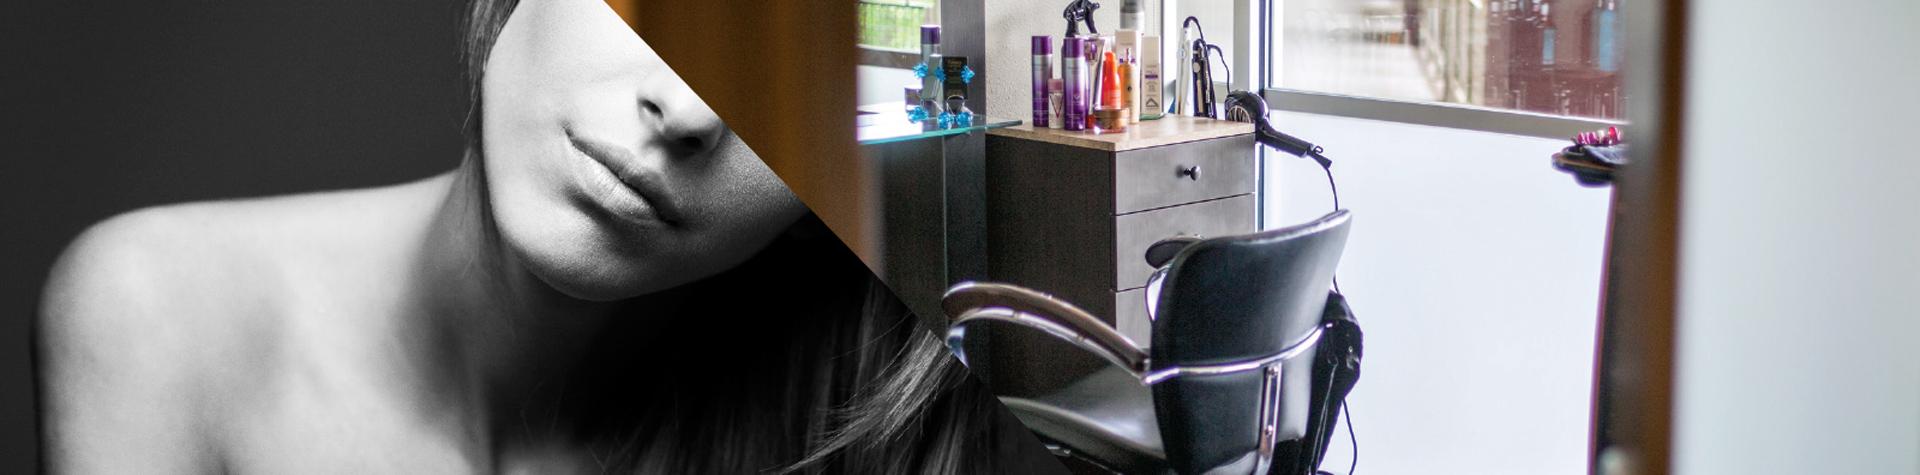 Salons by JC Best Salon Suites for rent Arlington Tx